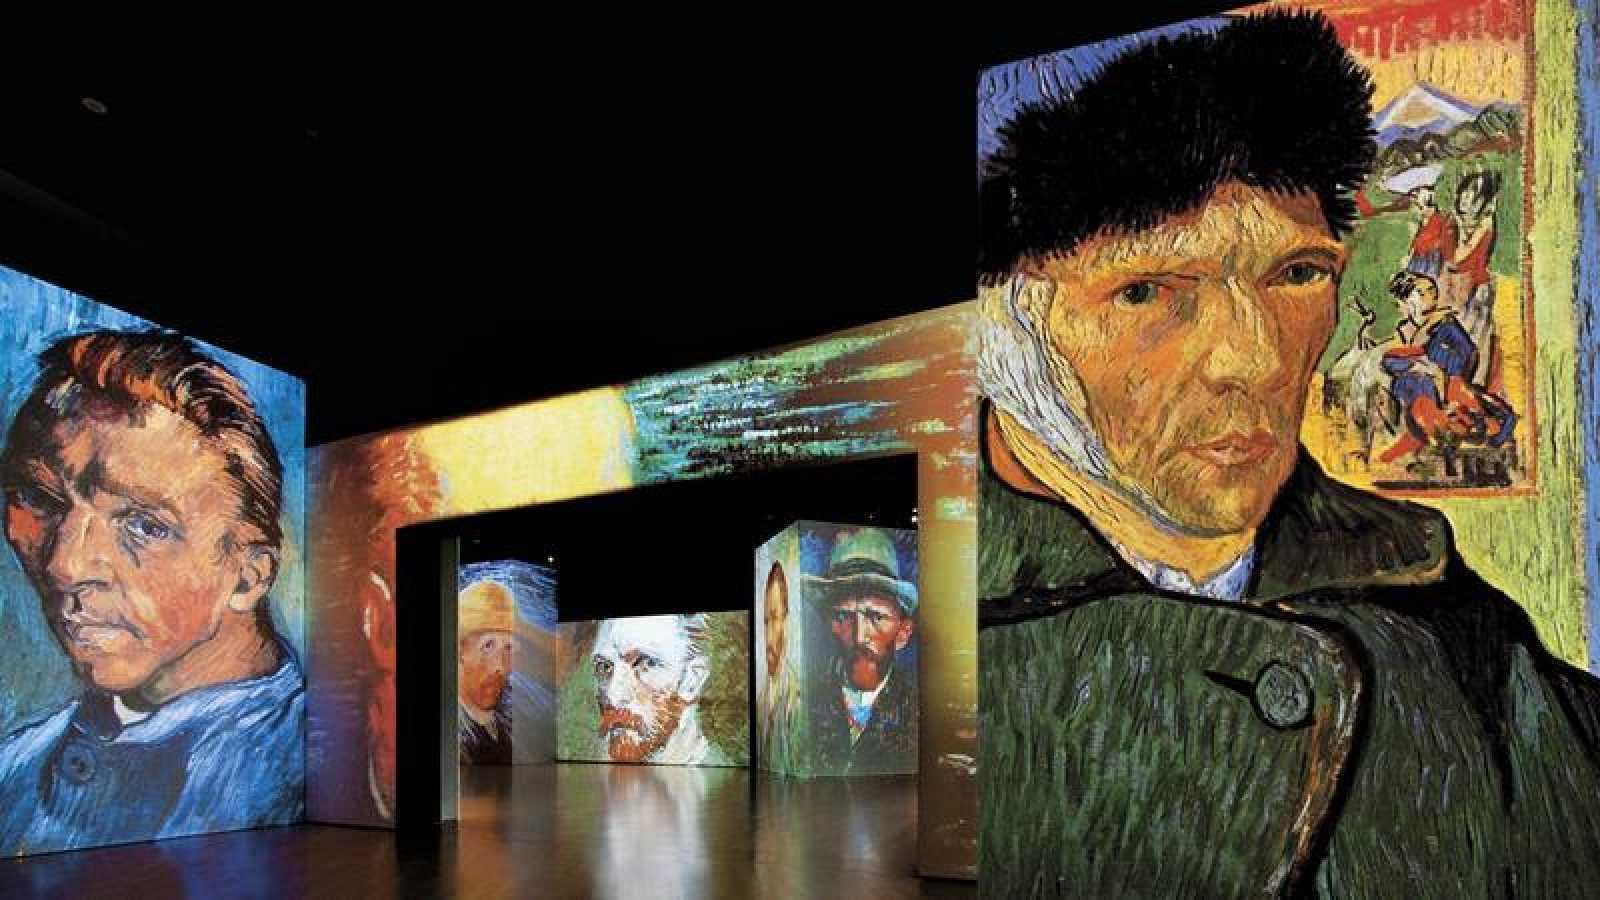 Madrid acoge 'Van Gogh Alive-The Experience', una de las exposiciones multimedia más visitadas del mundo